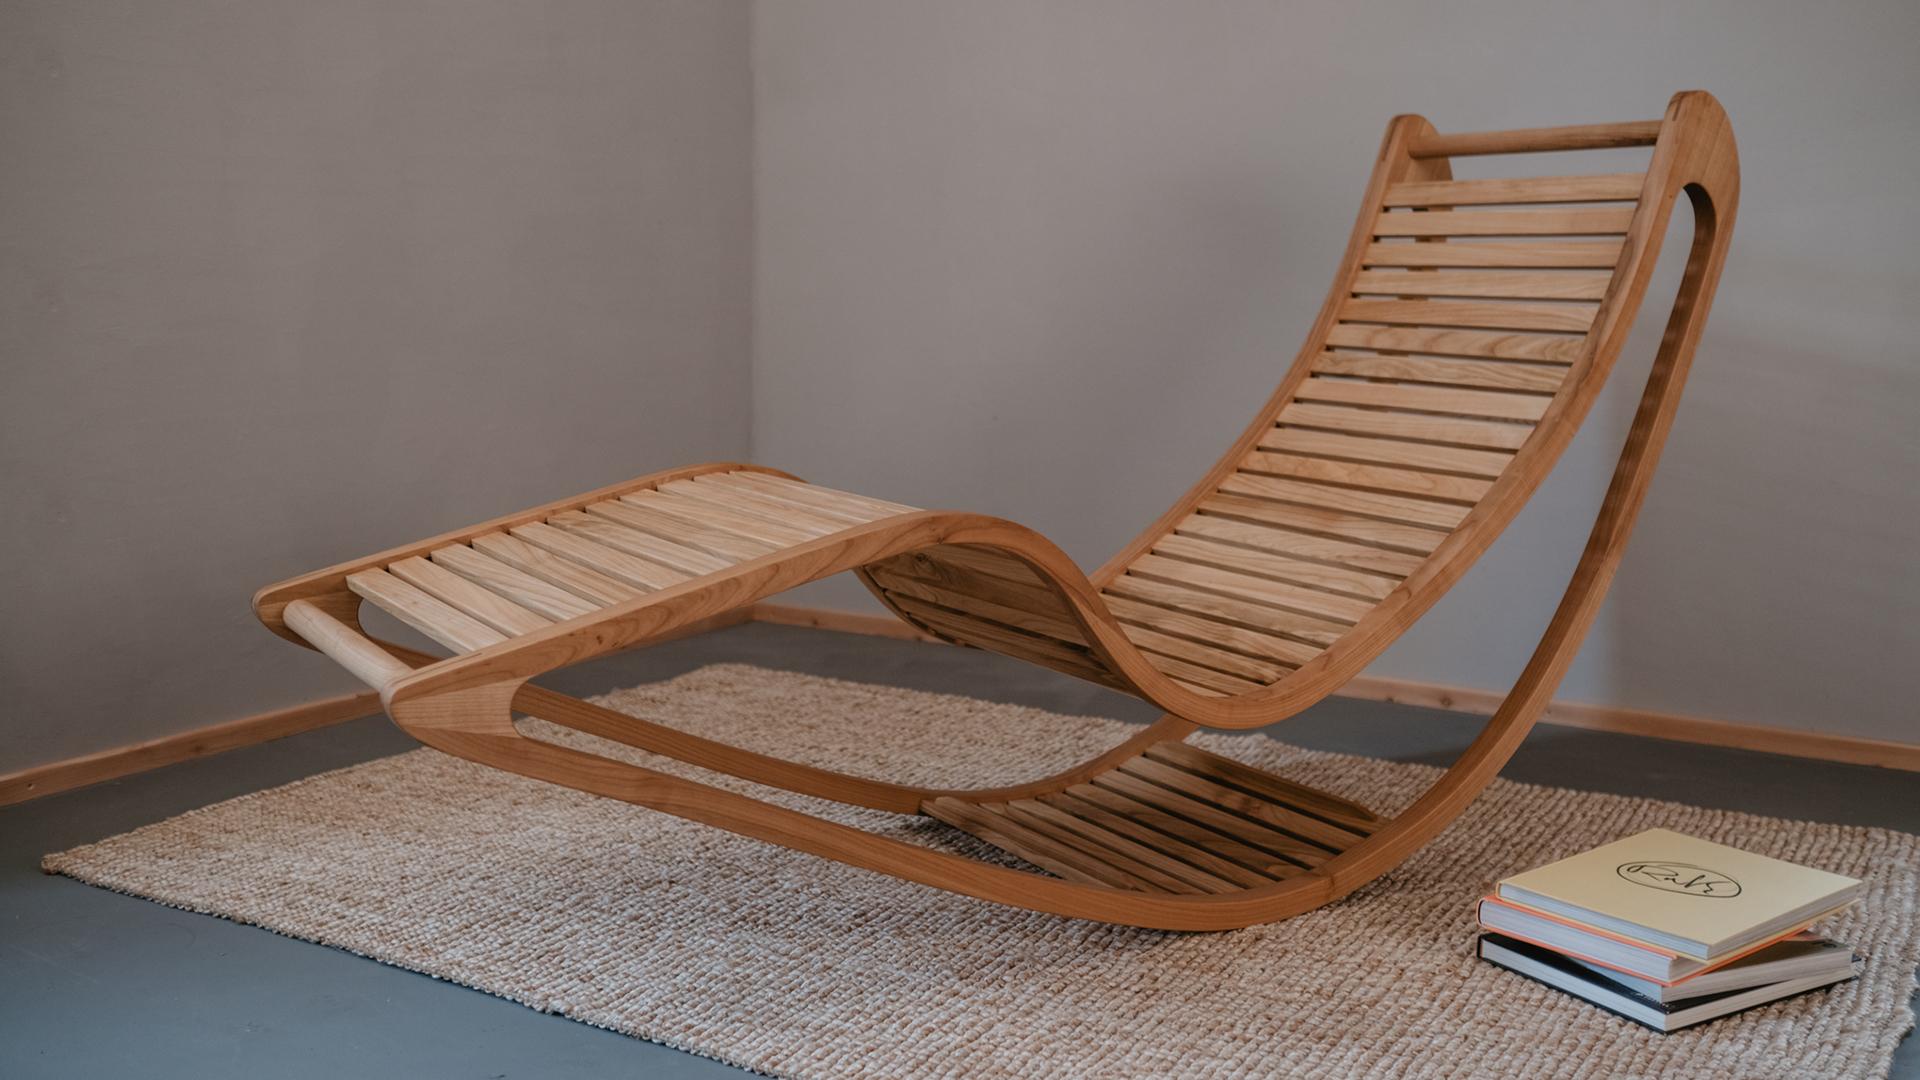 Tischlerei HolzWerk - feine moebel - Chairbert Entspannungsliege Kirsche Komplett